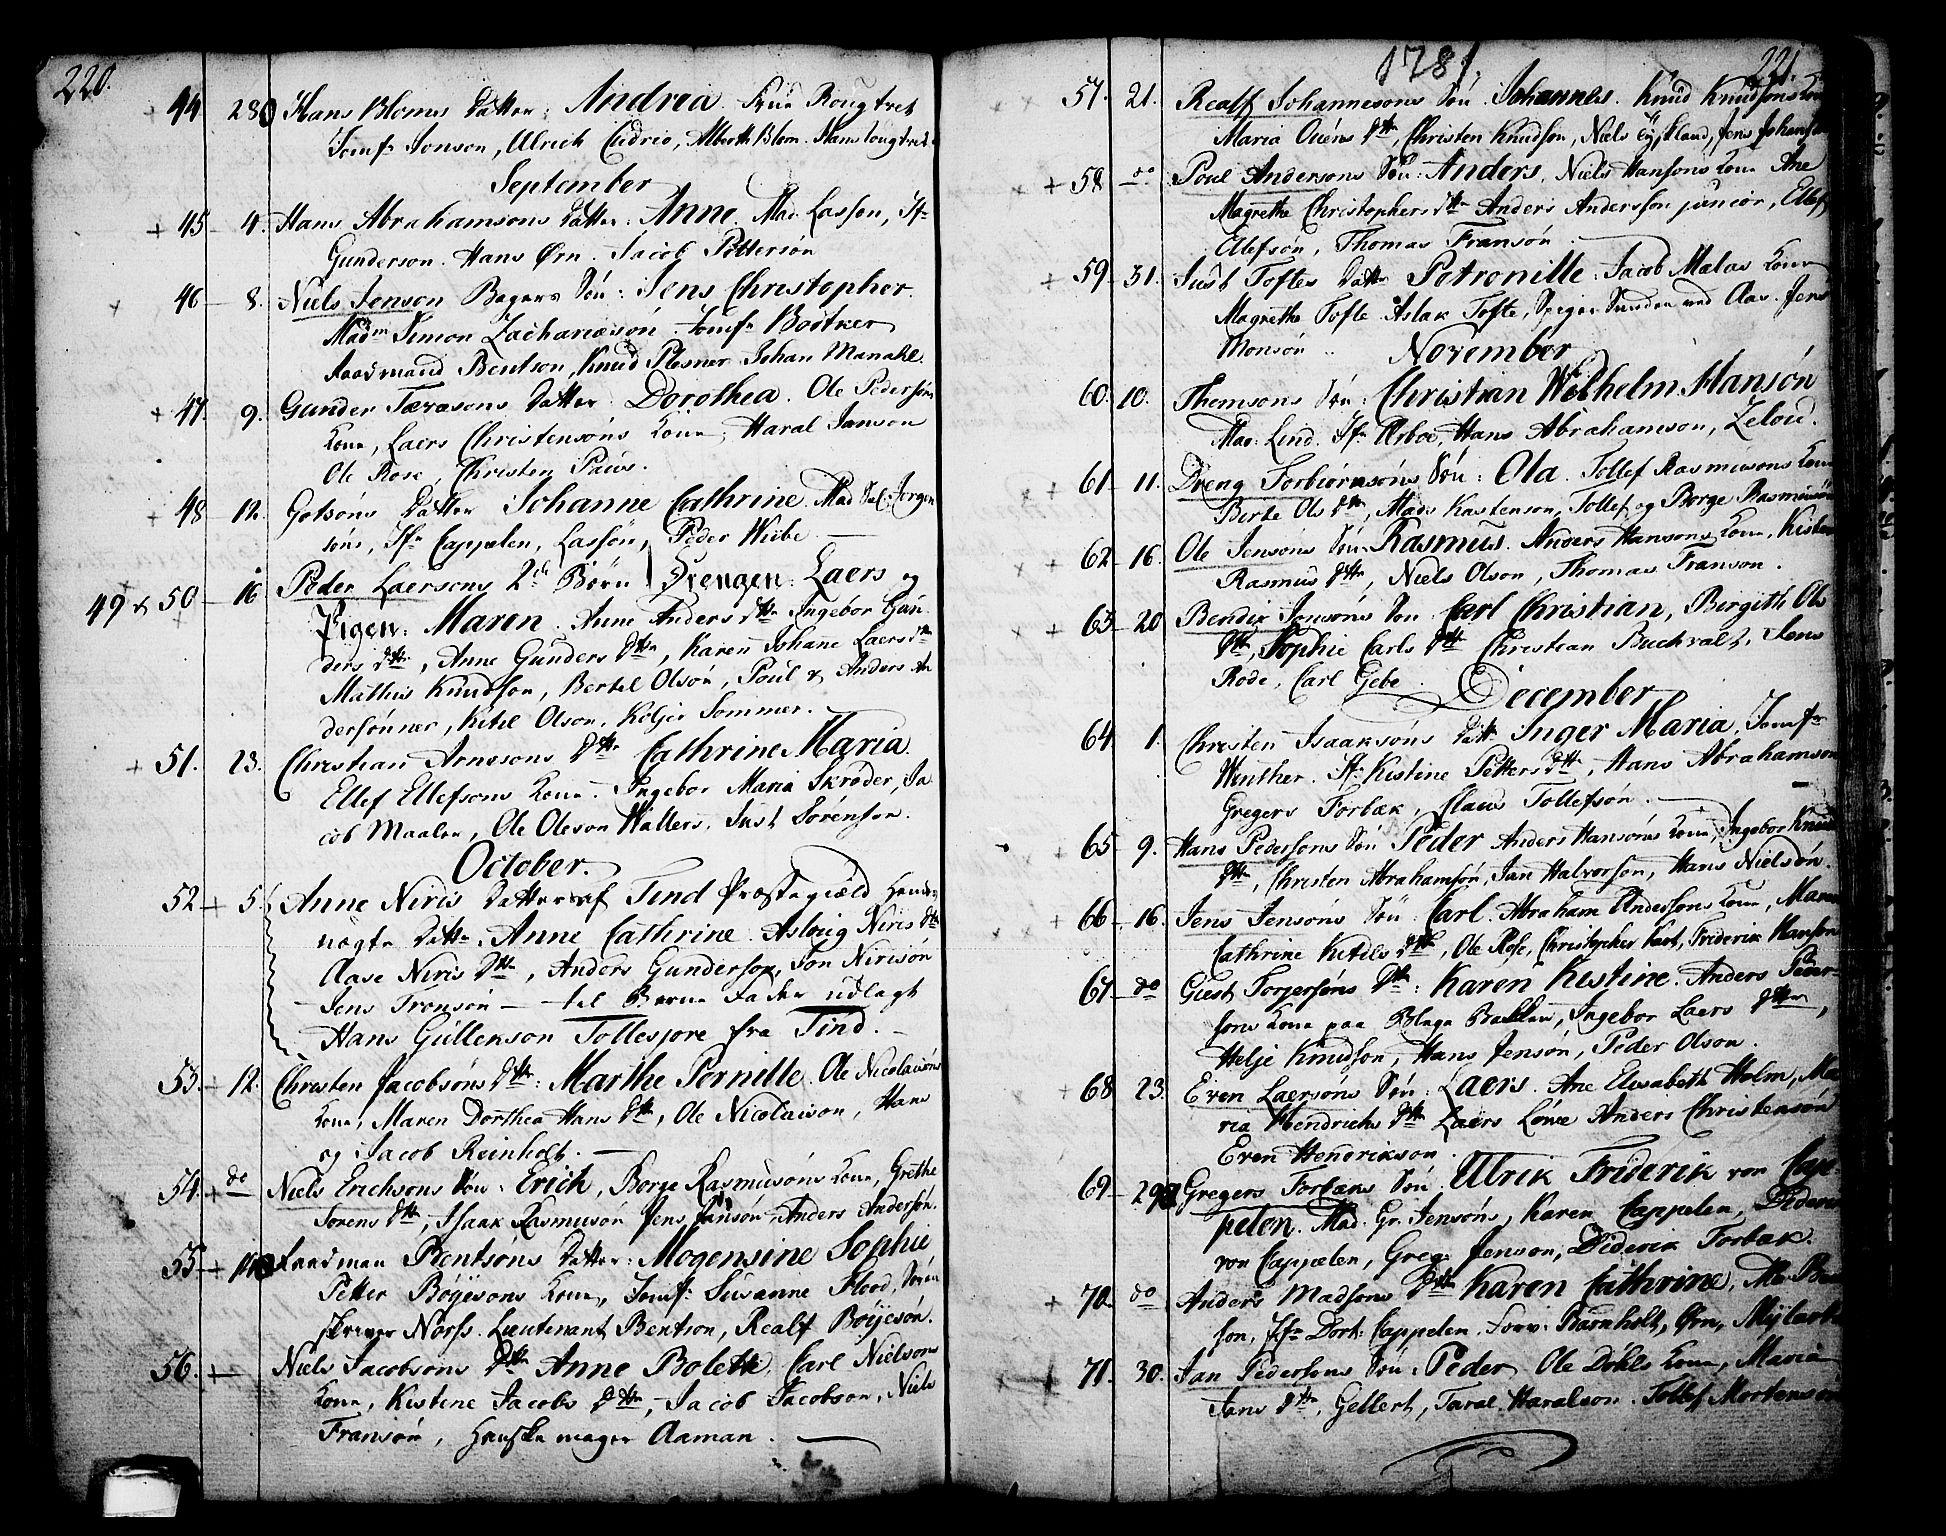 SAKO, Skien kirkebøker, F/Fa/L0003: Ministerialbok nr. 3, 1755-1791, s. 220-221